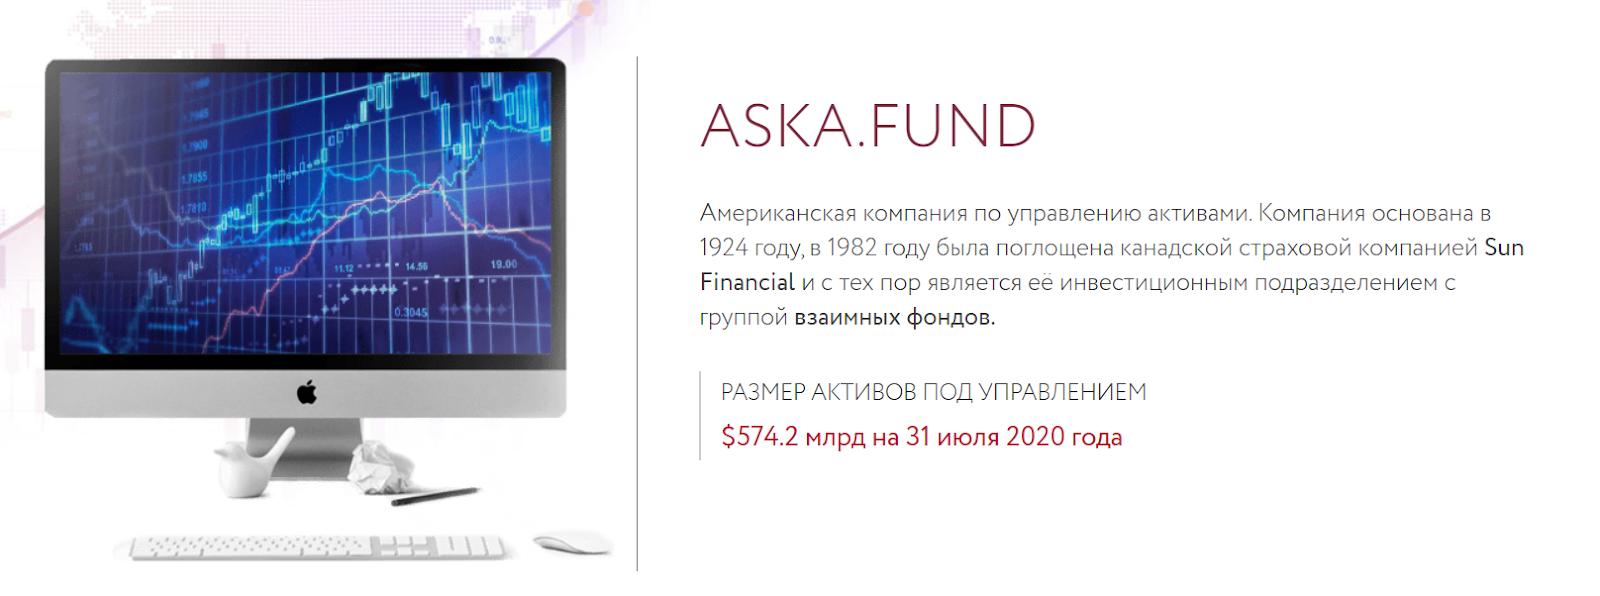 Отзывы об Aska Fund: есть ли смысл инвестировать? обзор